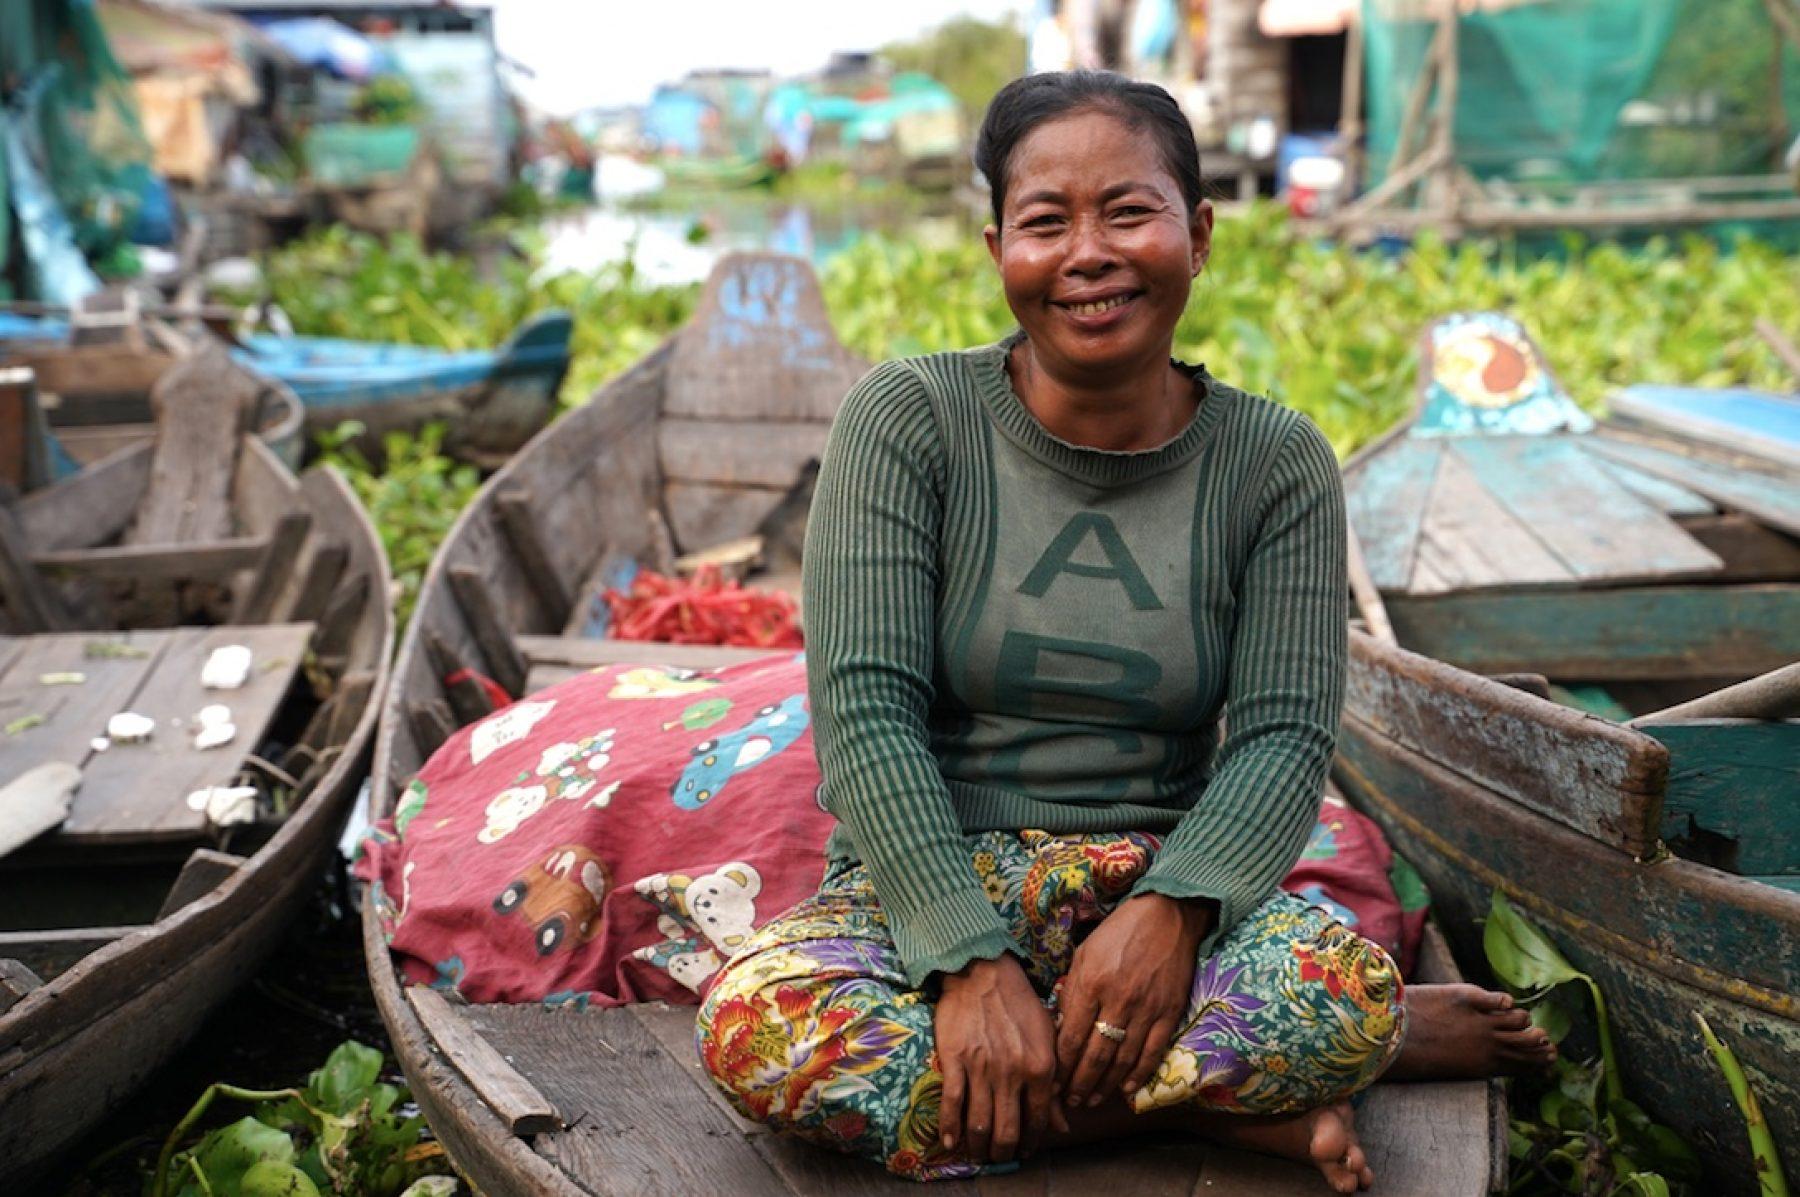 Camboya enfrenta su peor crisis ante el cambio climático, pero las mujeres pueden ser la solución